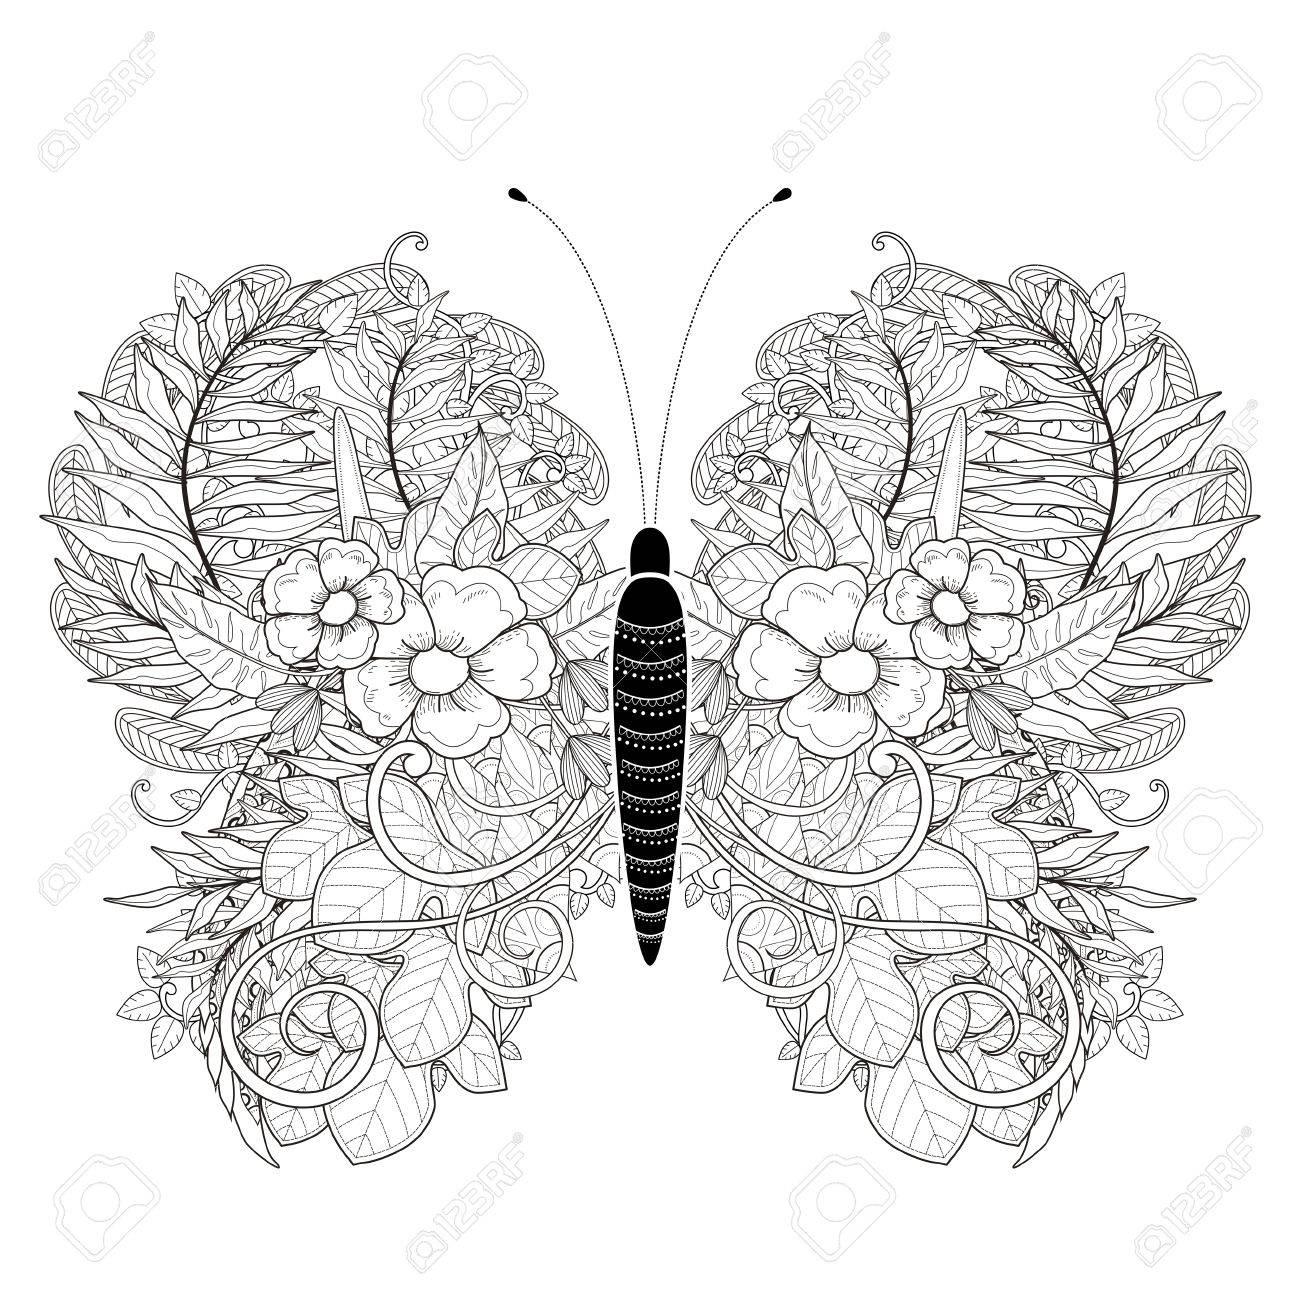 Schön Süße Schmetterling Färbung Seite Ideen - Malvorlagen-Ideen ...